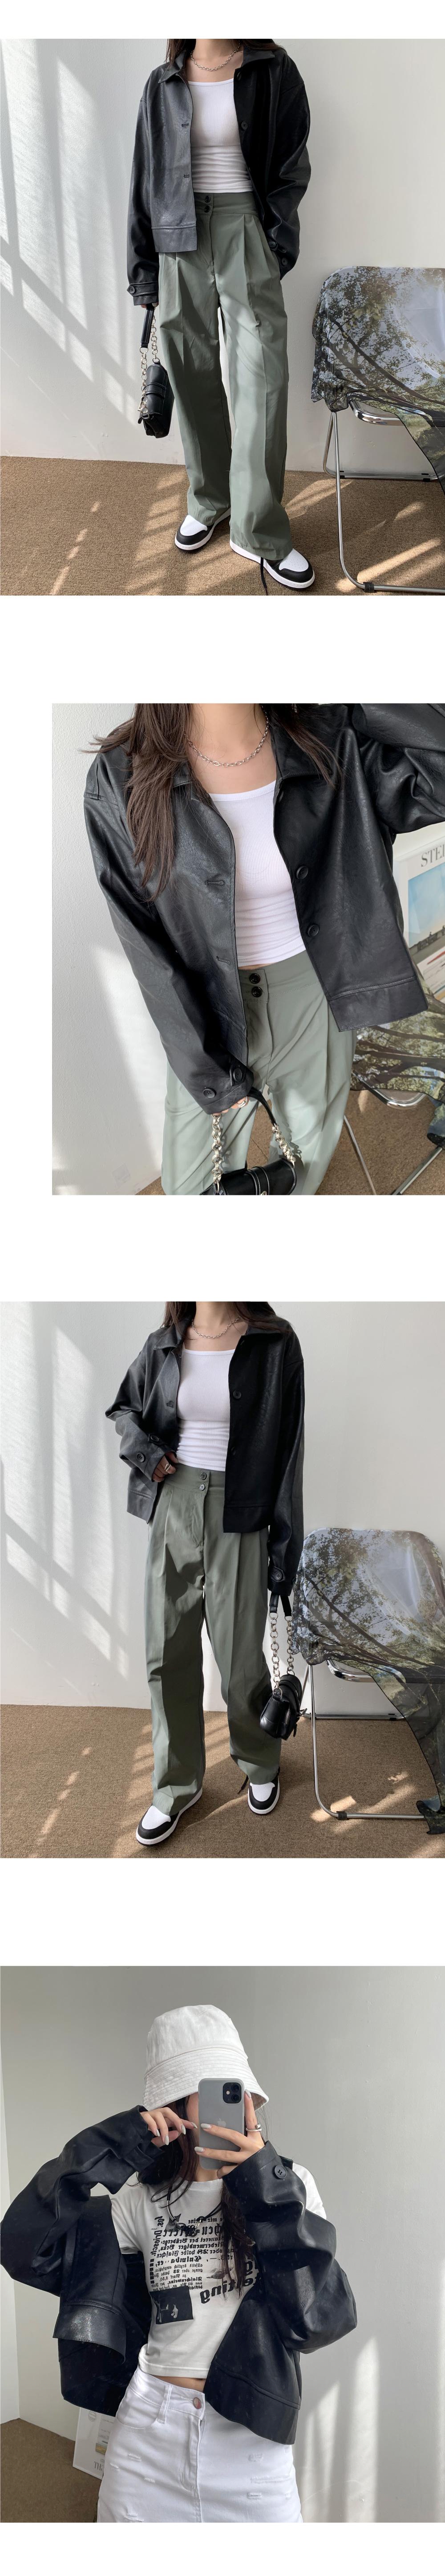 簡單鈕釦皮革夾克